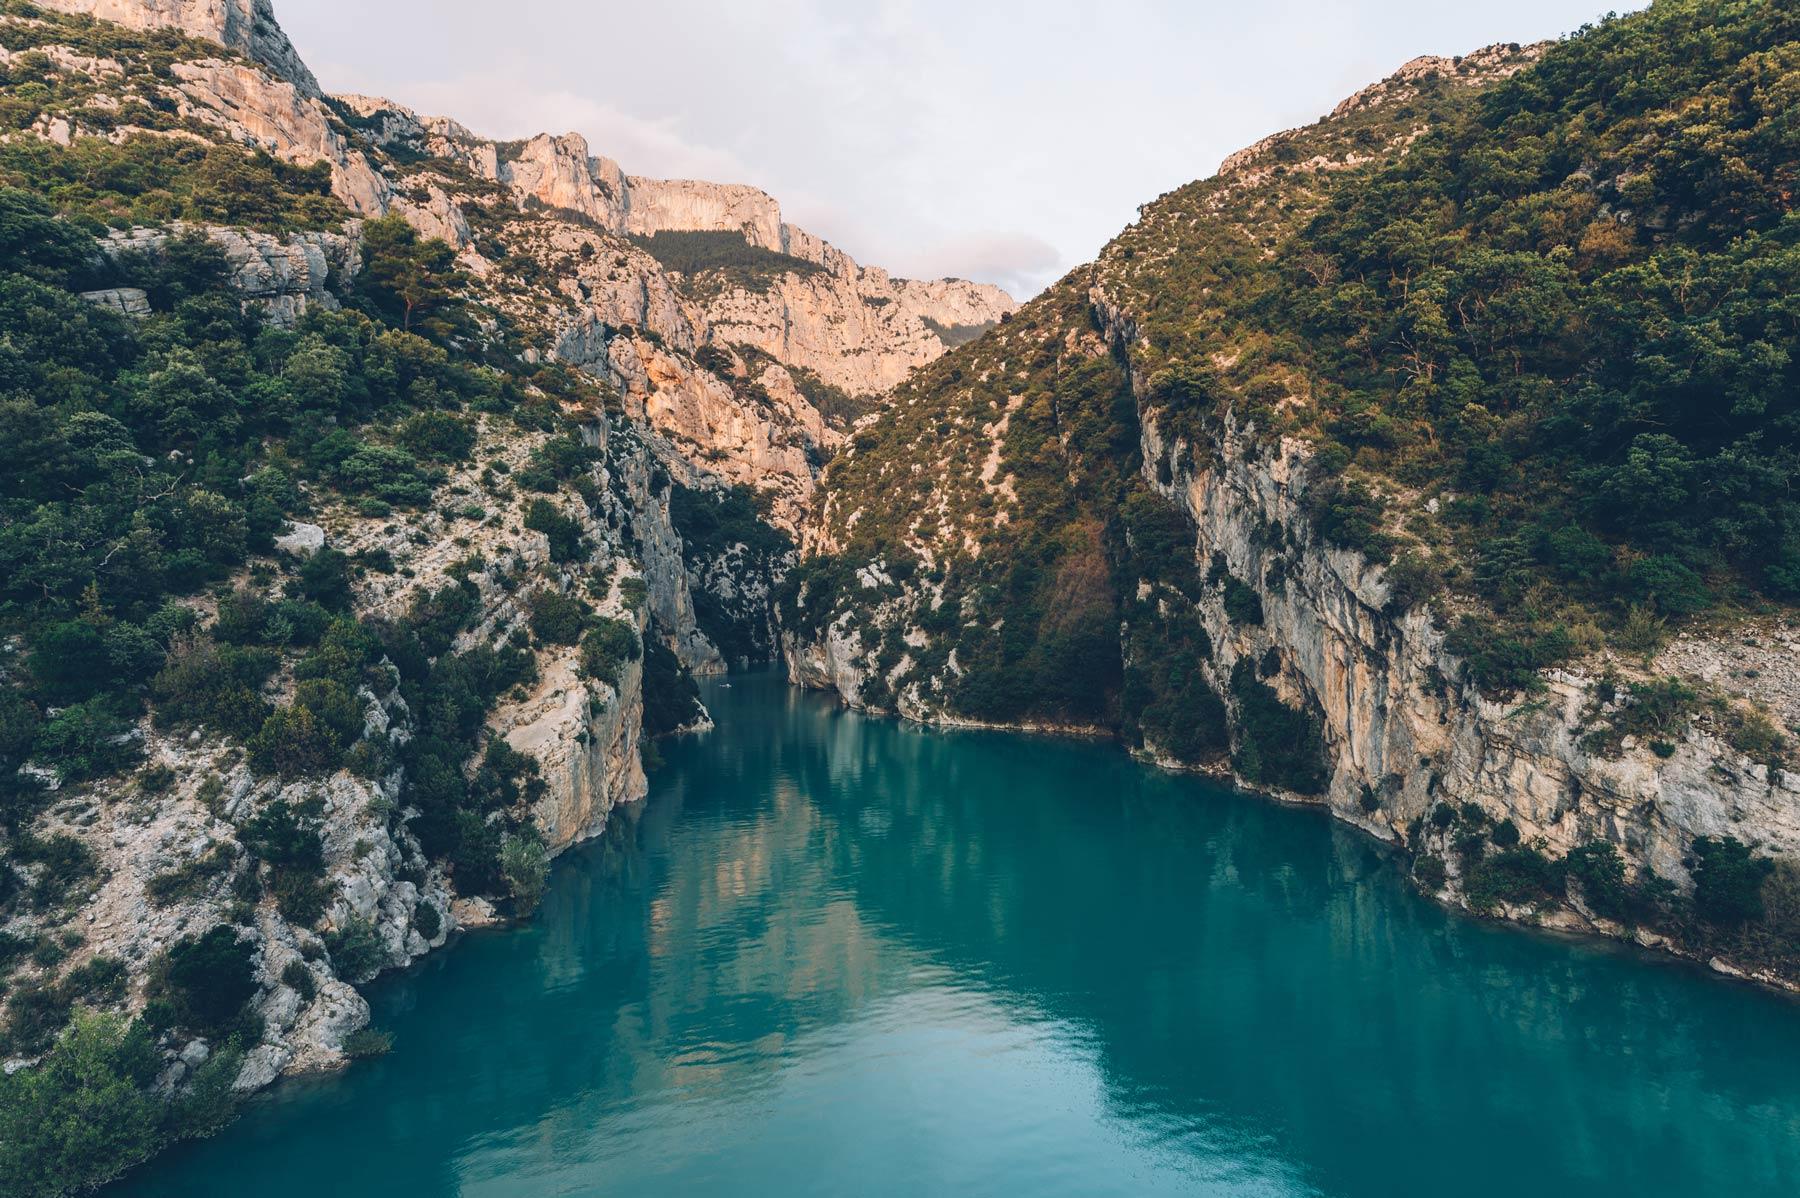 Lac de Sainte Croix, Verdon